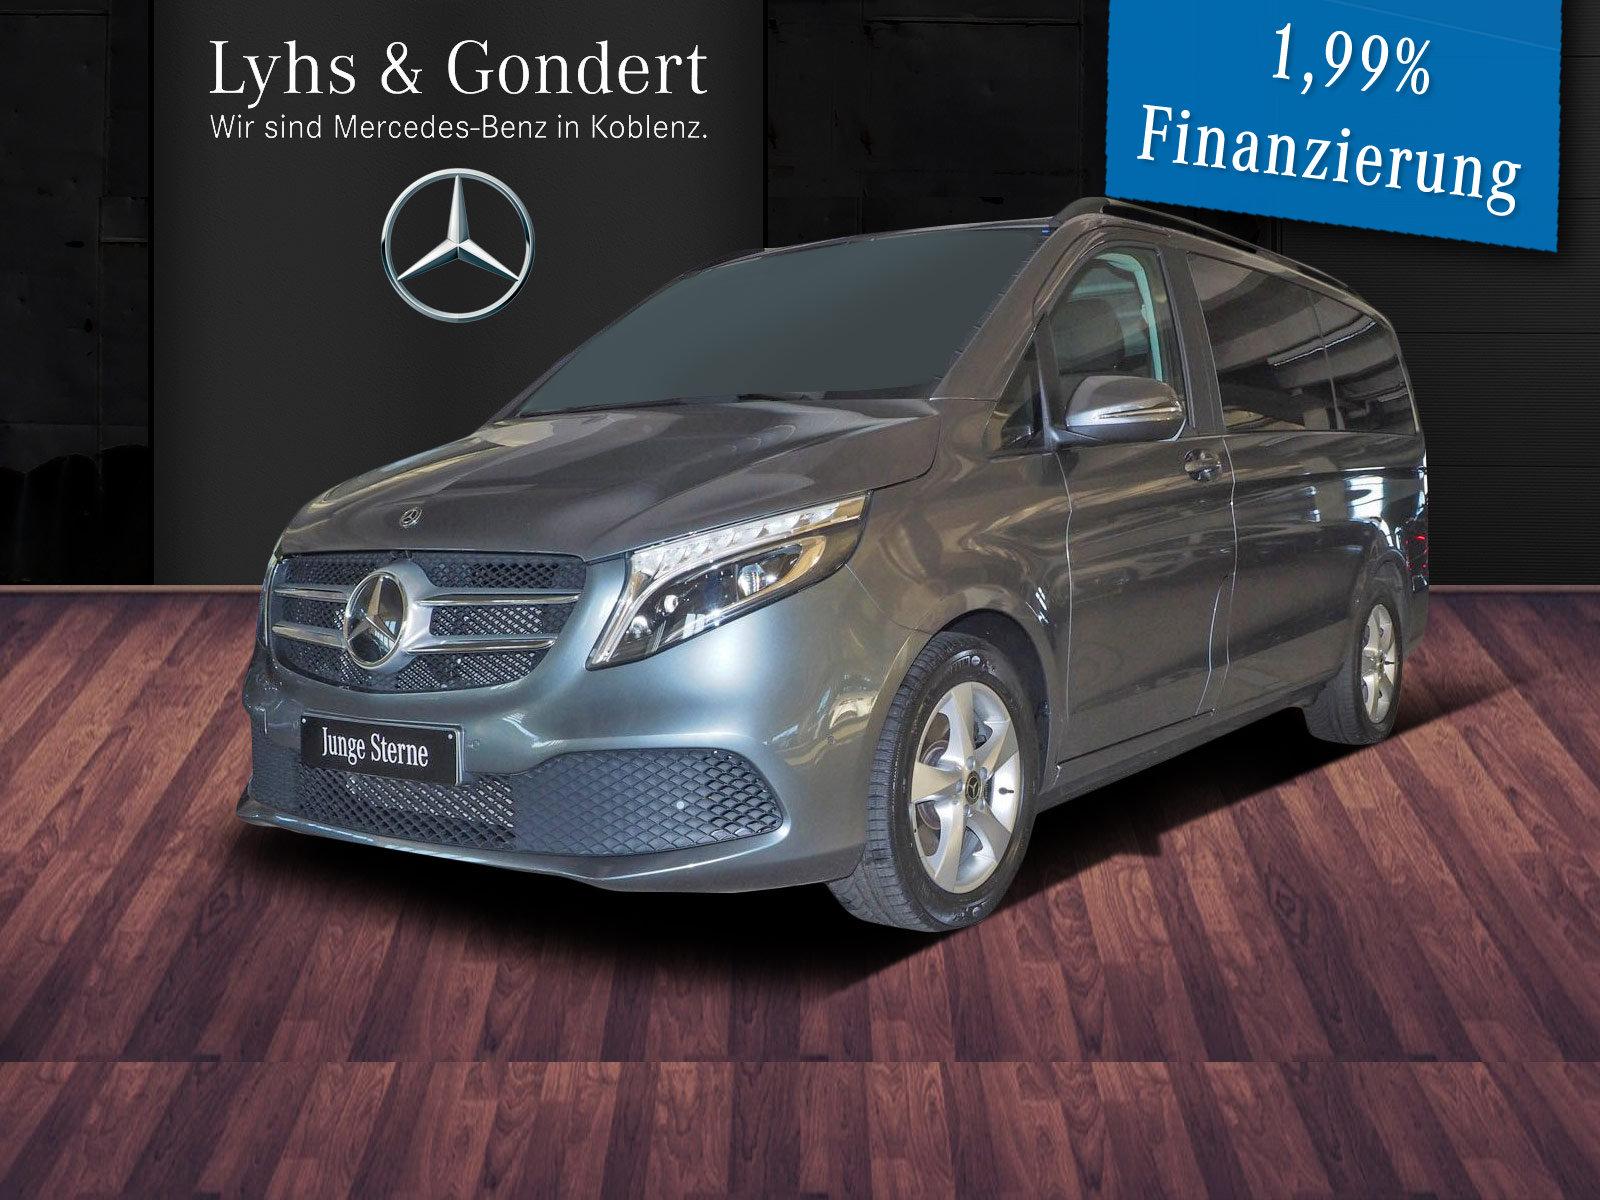 Mercedes-Benz V 300 d Edition Lang *Sport*LED*AHK* Spur-P., Jahr 2019, Diesel